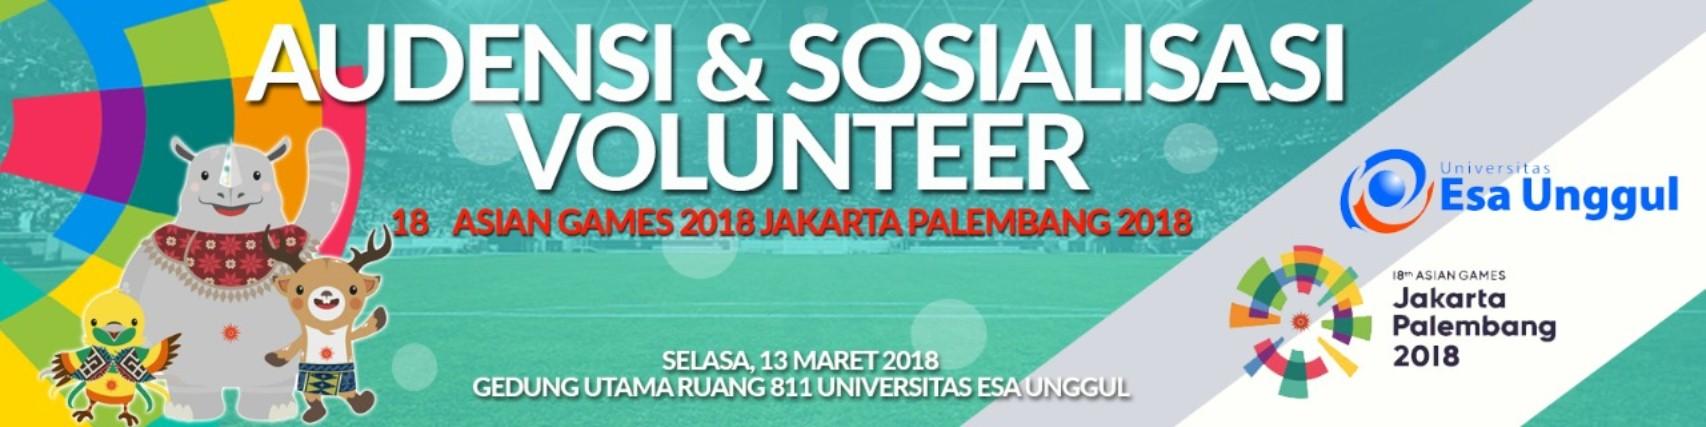 Esa Unggul menjadi tempat Audiensi dan Sosialisasi Volunteer